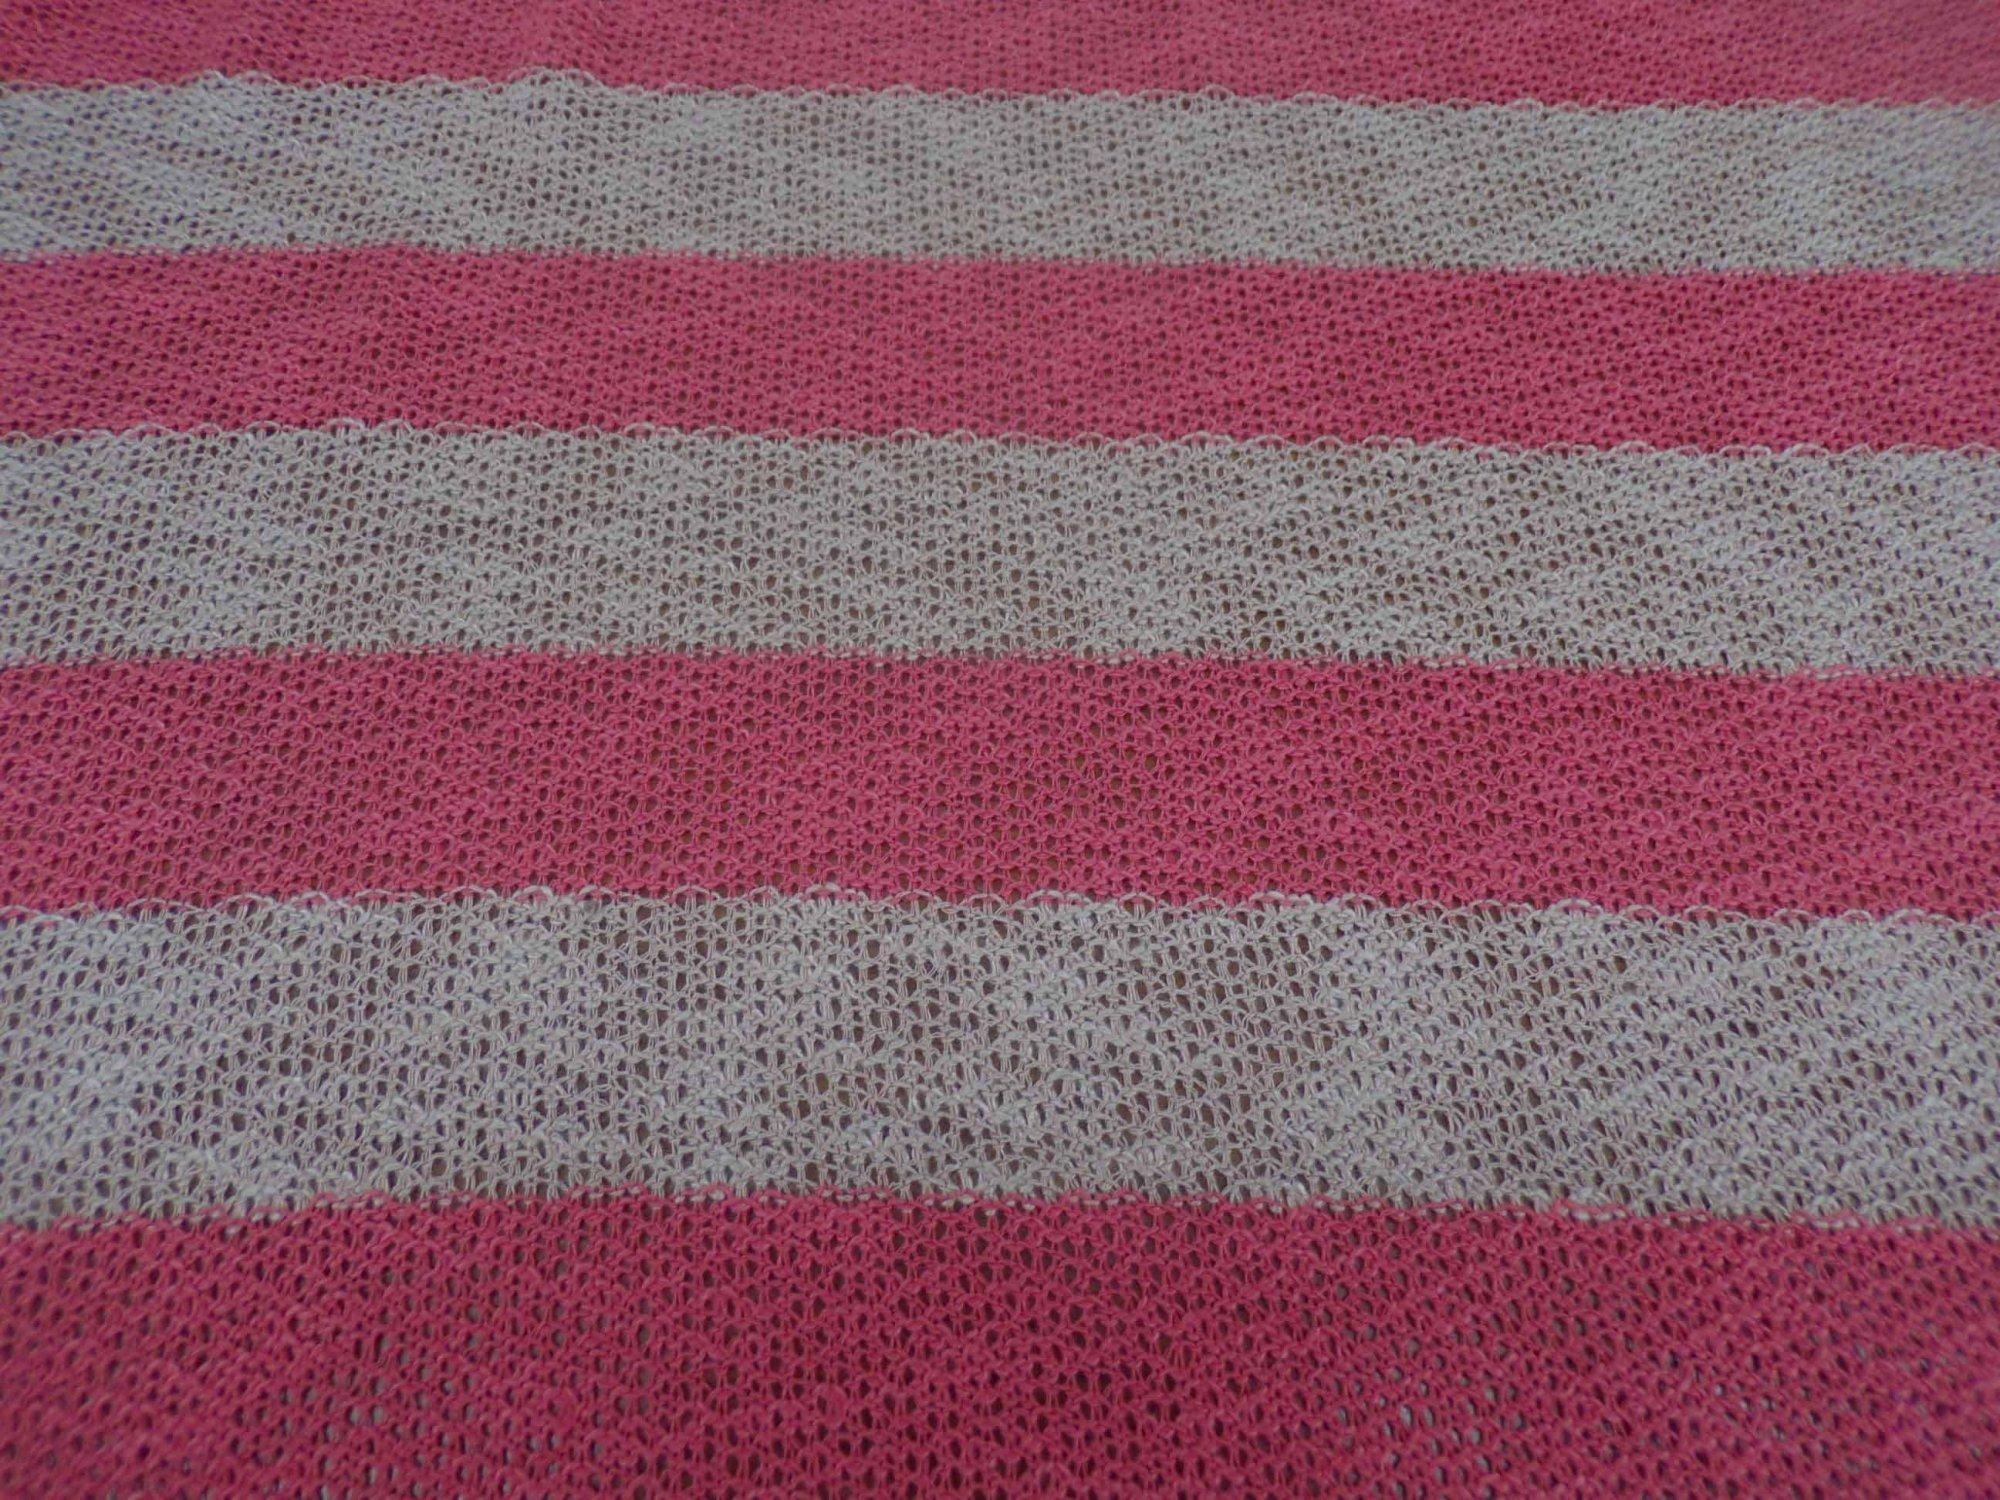 Ella Moss Coral & Tan Striped Sweater Knit